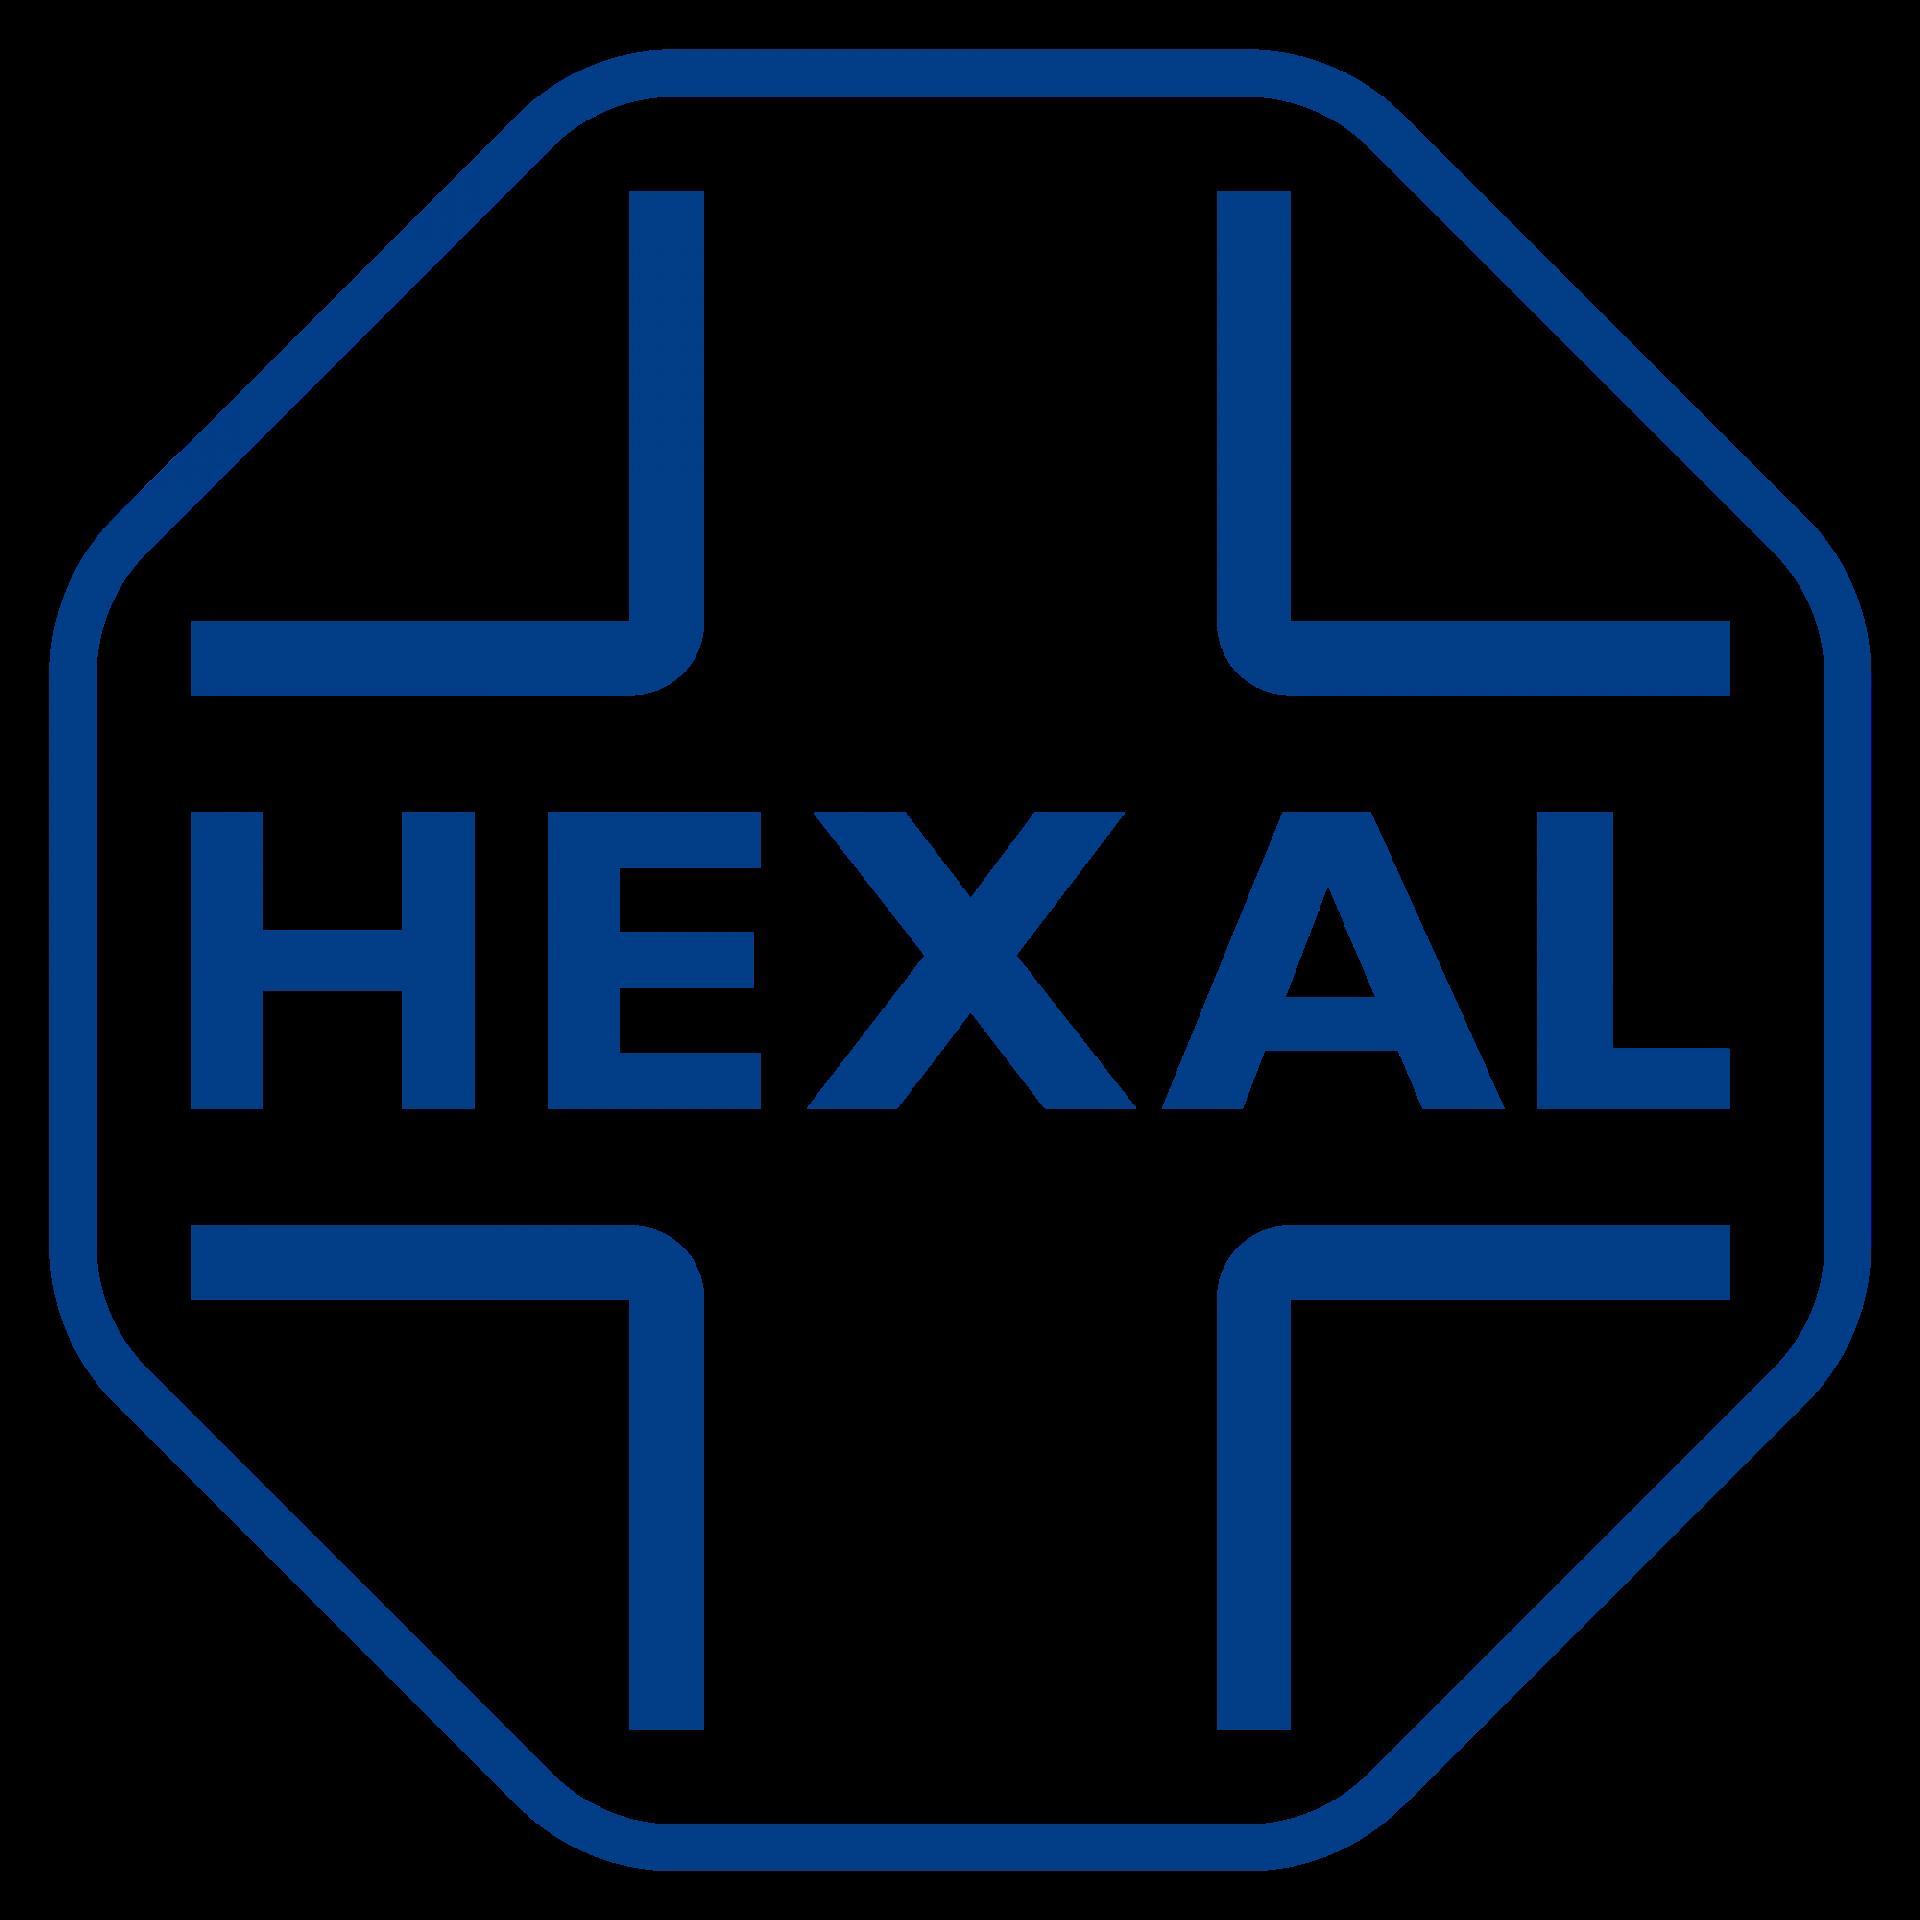 2000px-hexal_logo-svg